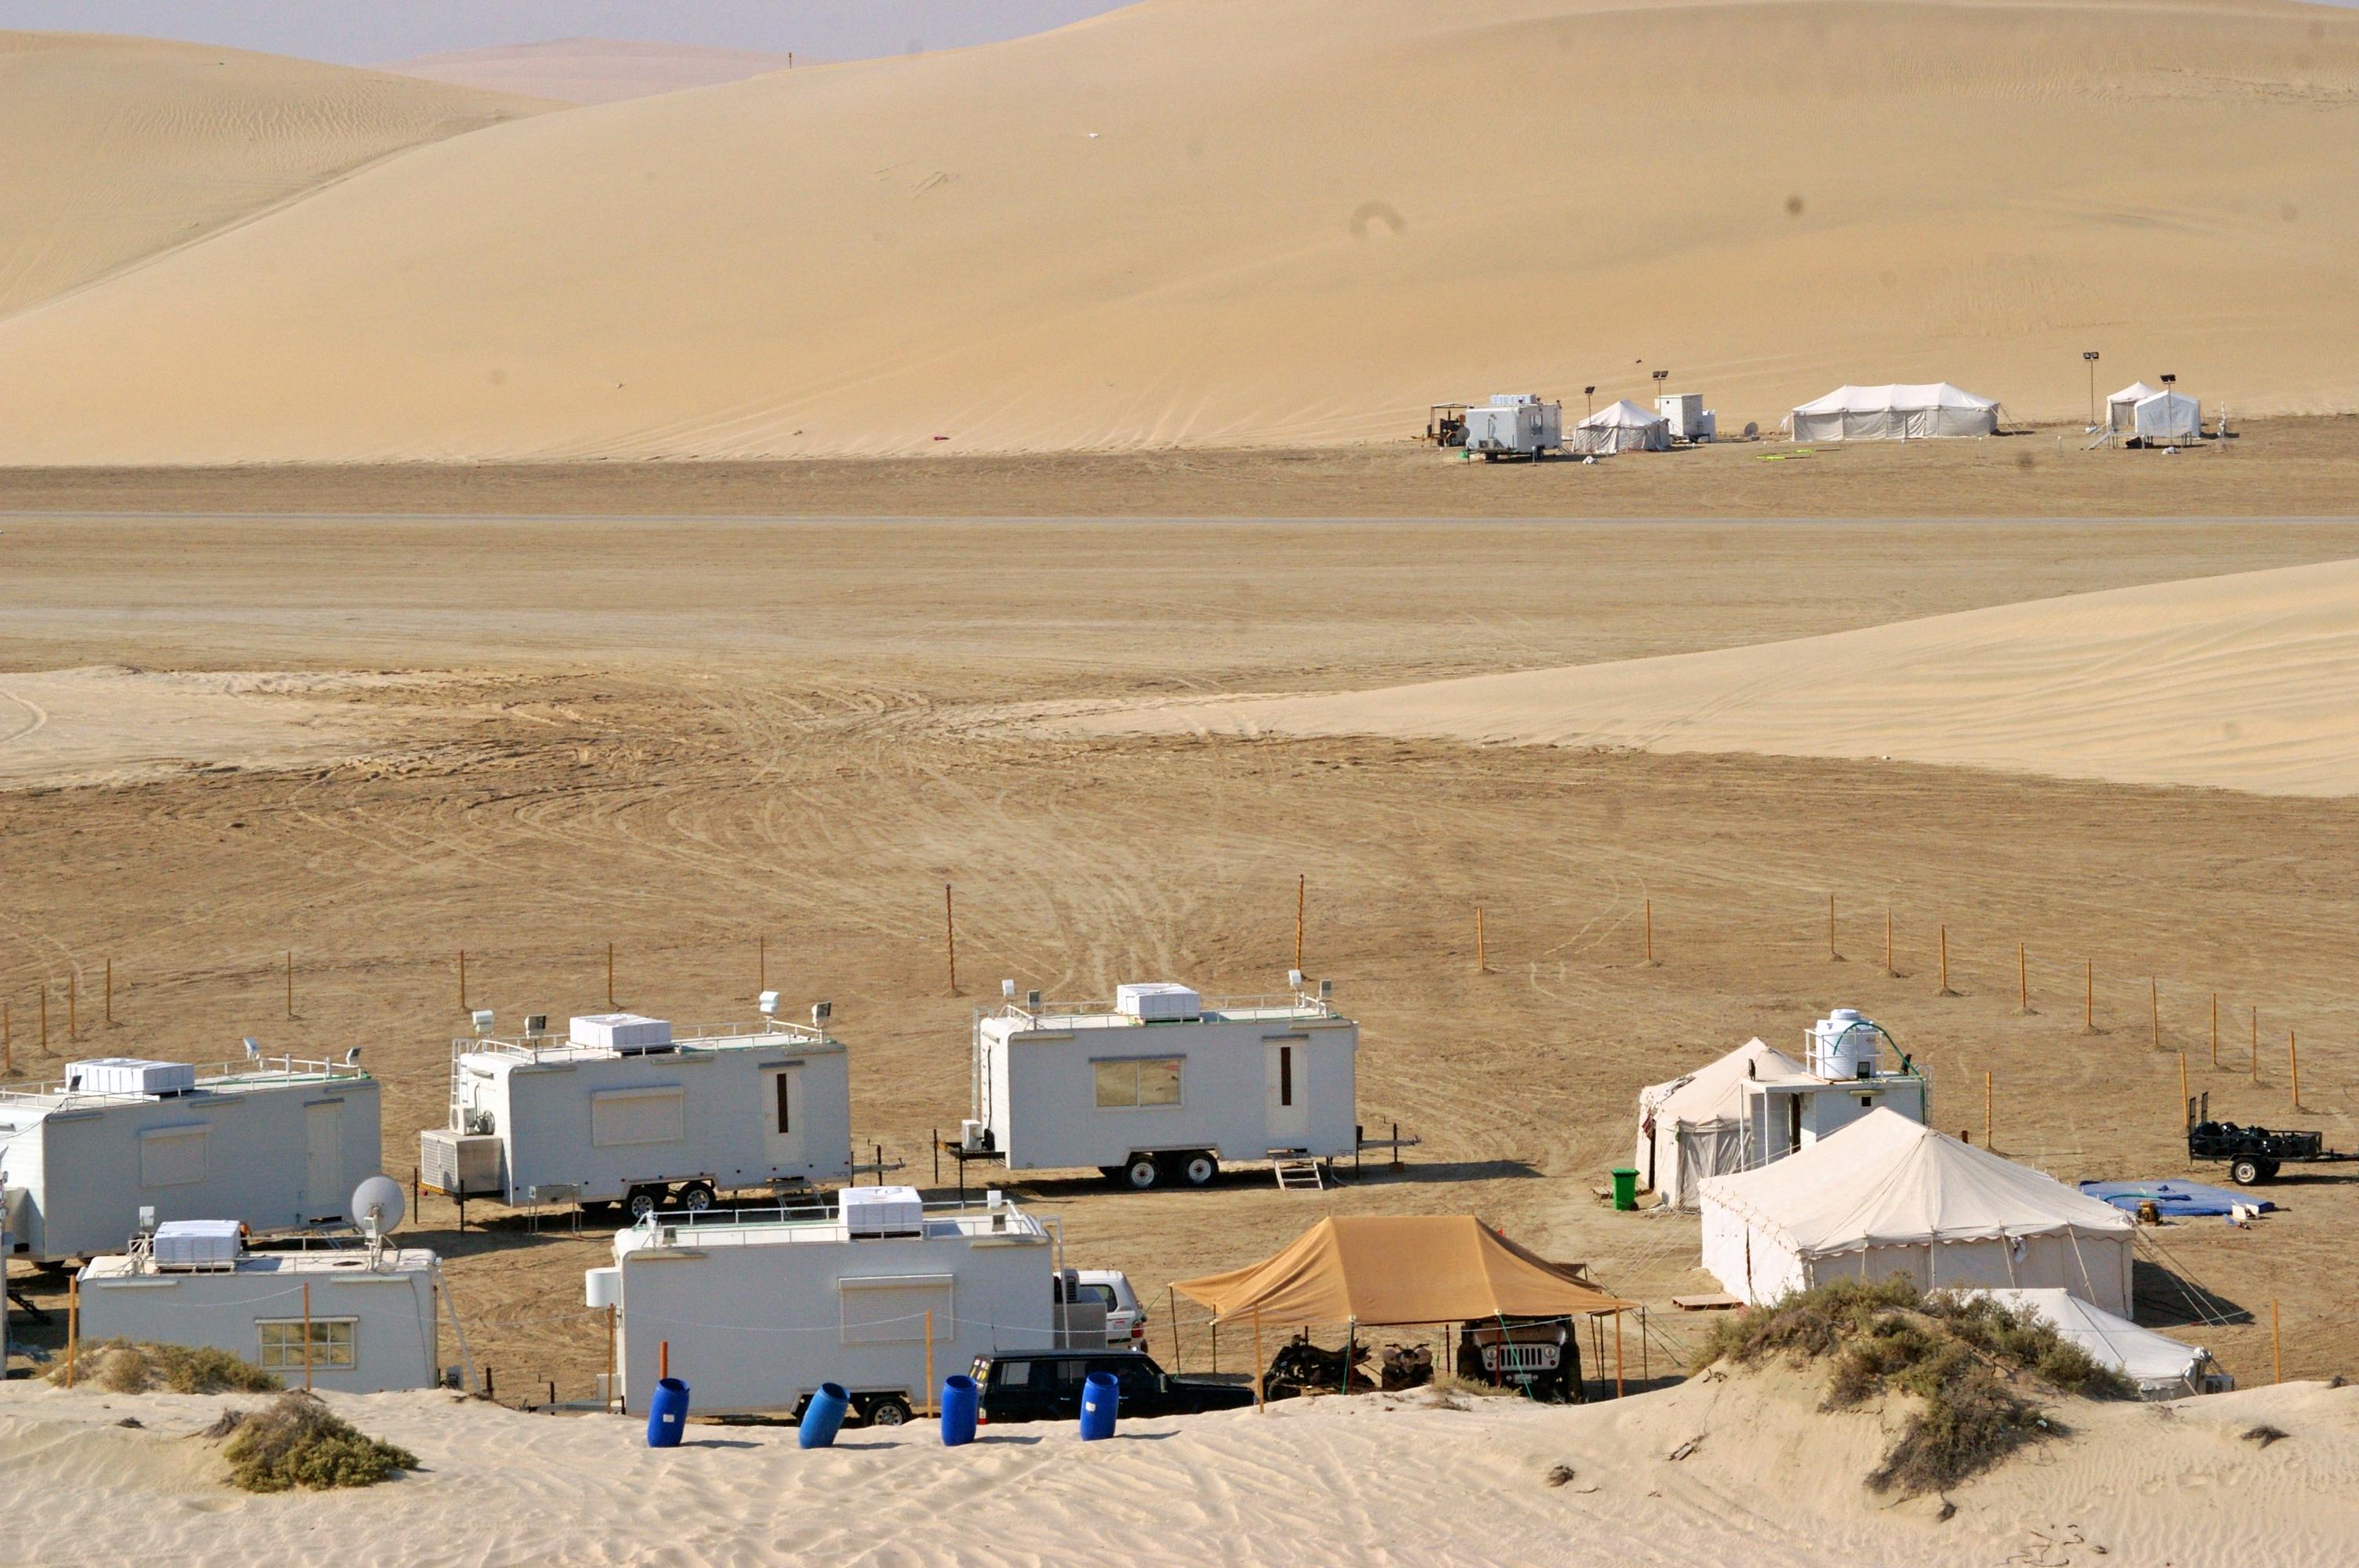 Illustration - Le Qatar bientôt privé de désert...